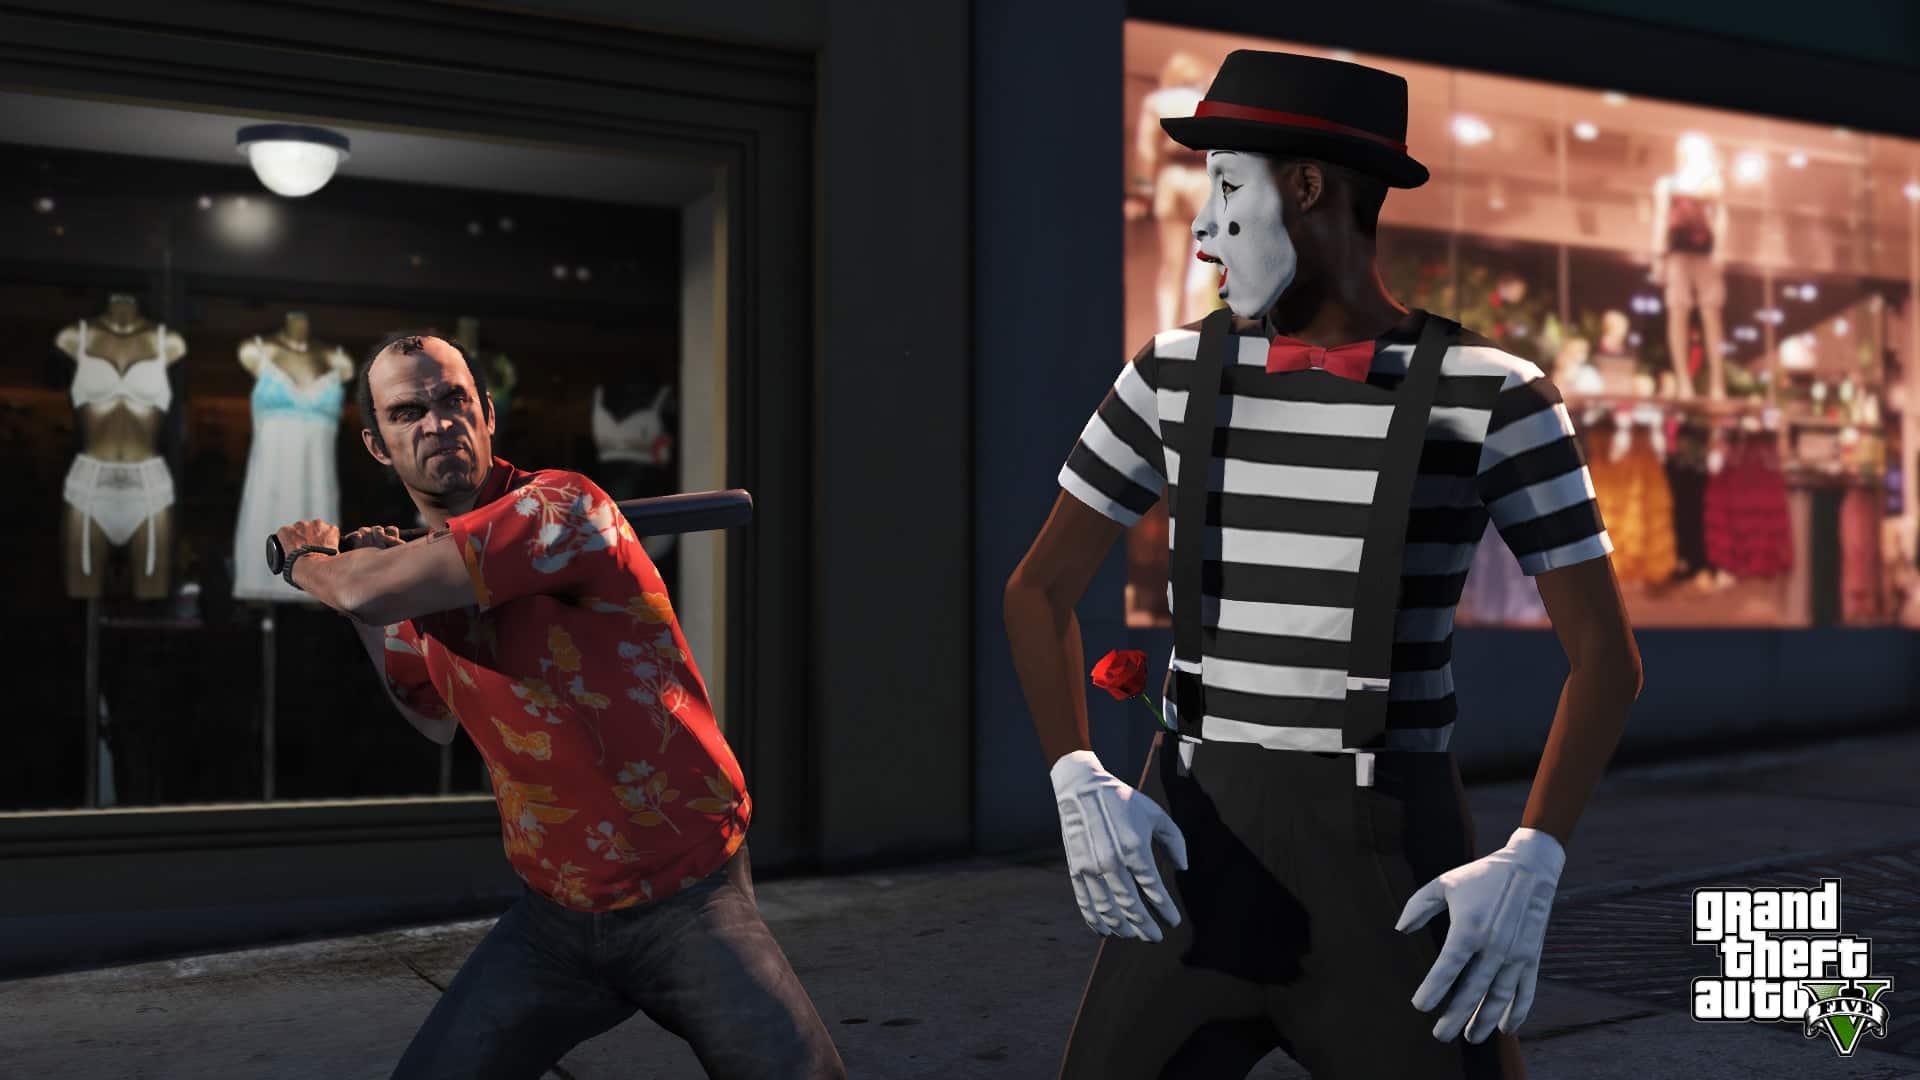 Another Study Debunks Link Between Games and Violent Behavior